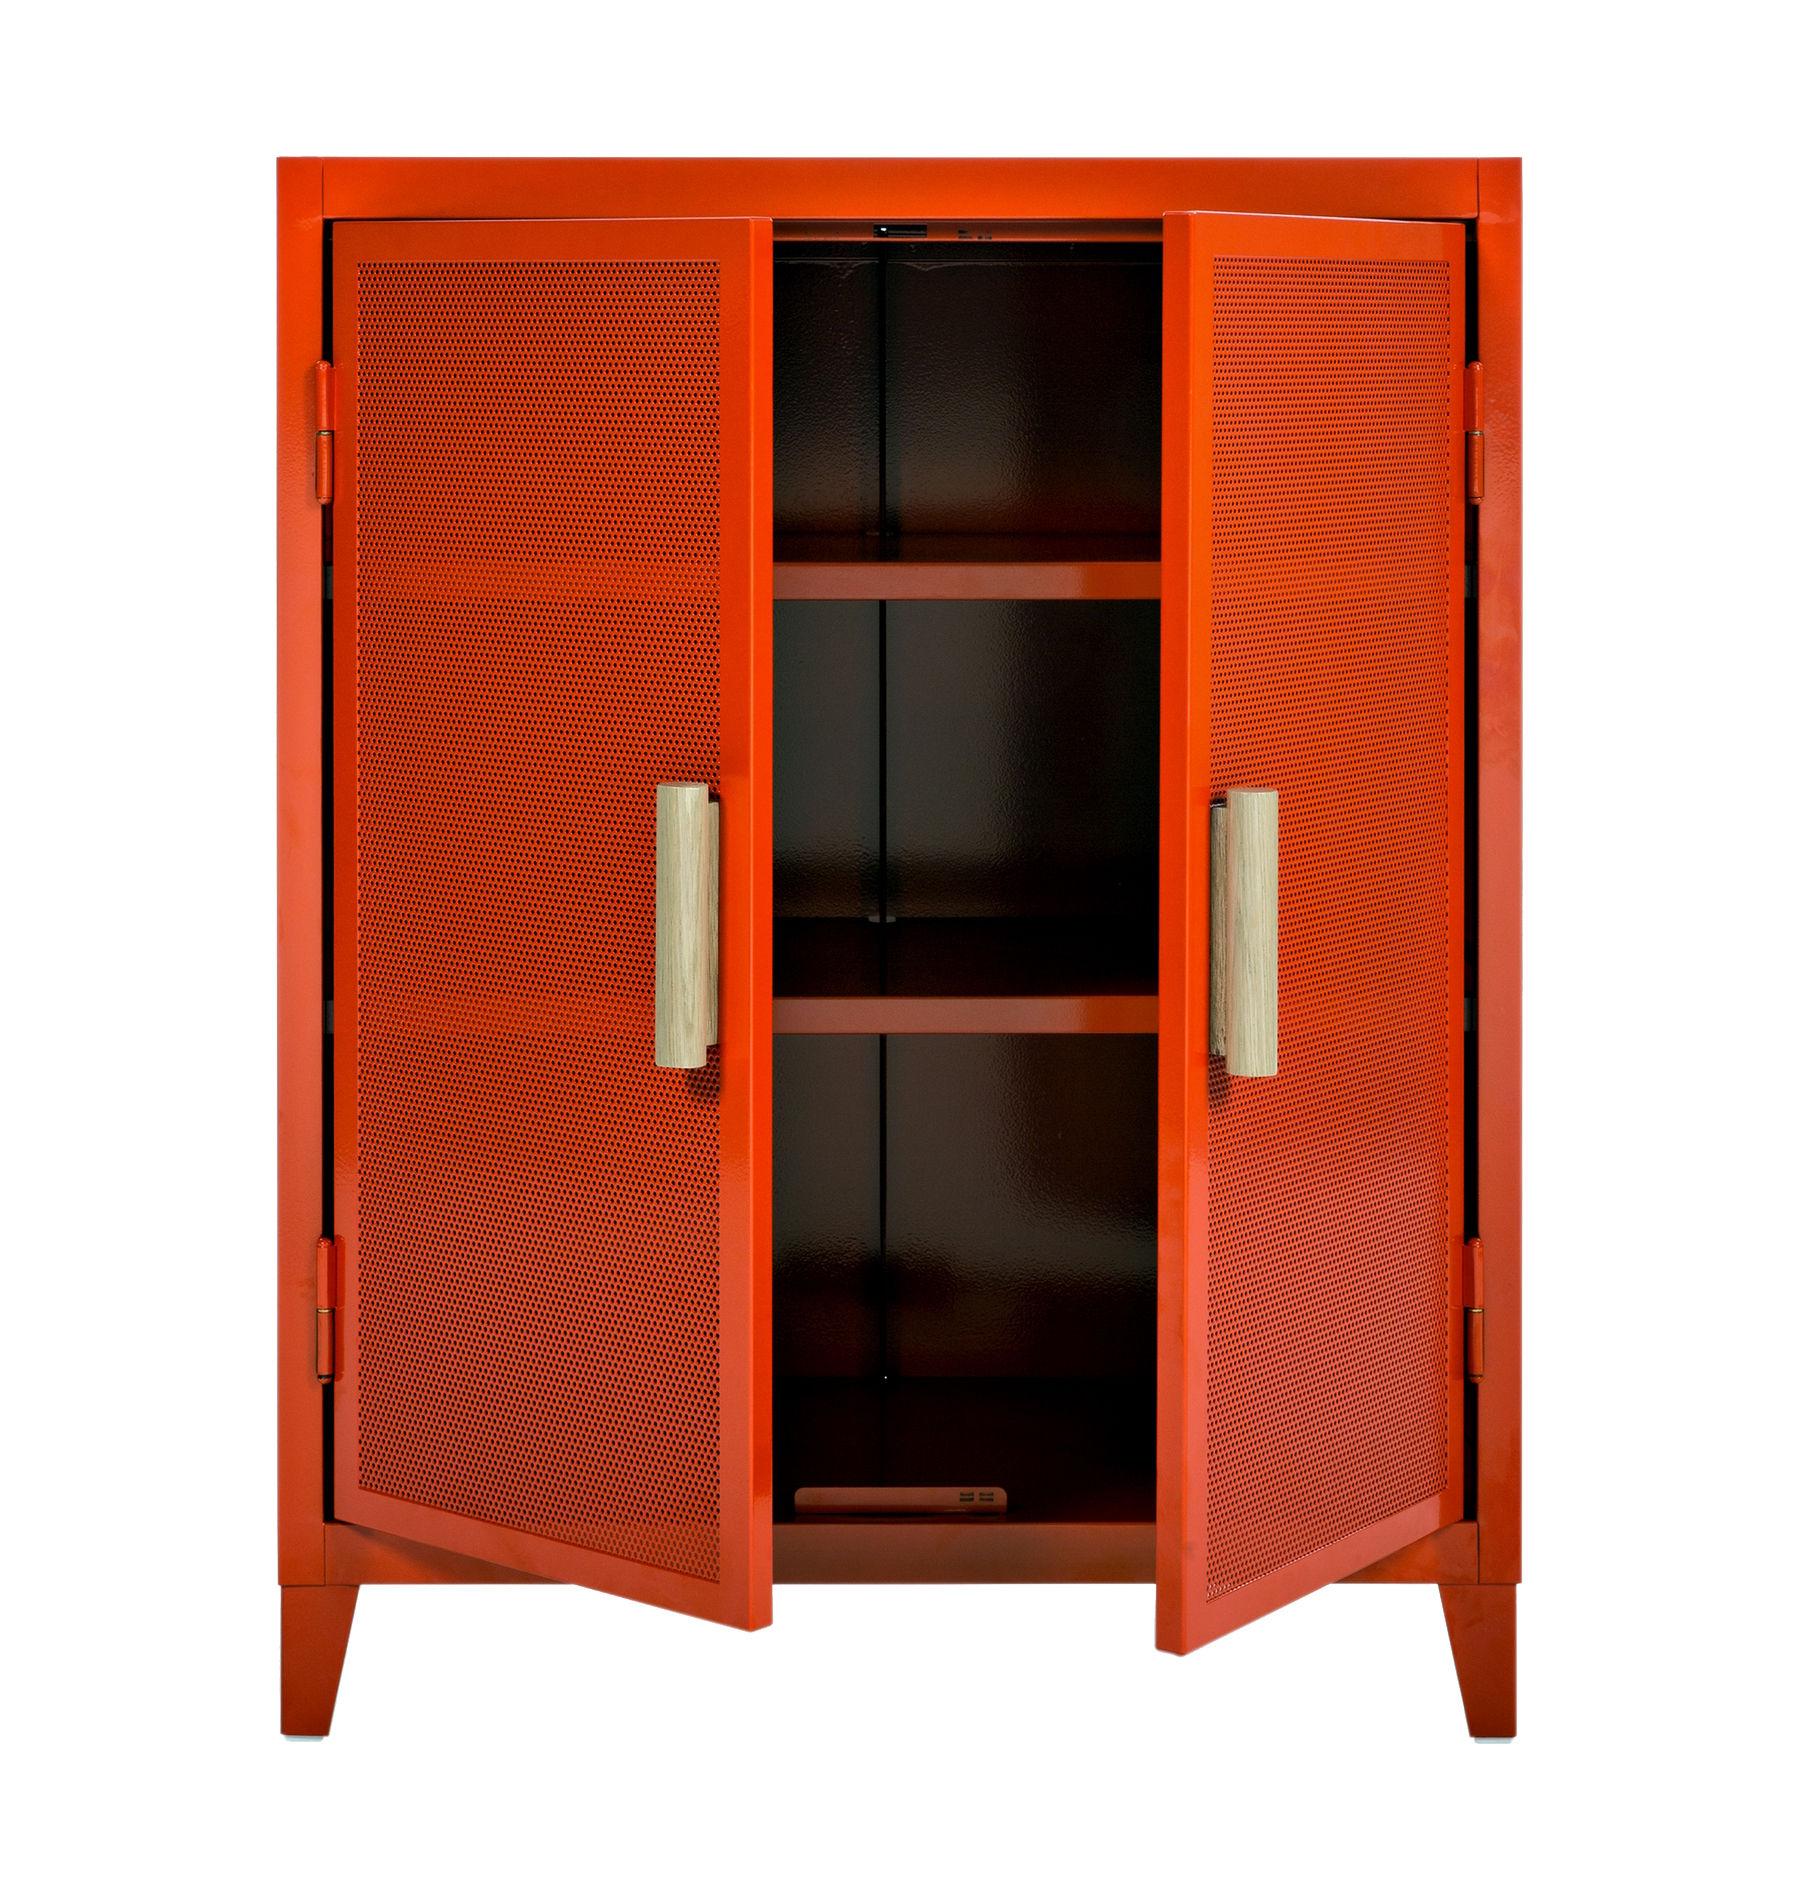 rangement vestiaire bas perfor 2 portes potiron poign es ch ne tolix. Black Bedroom Furniture Sets. Home Design Ideas